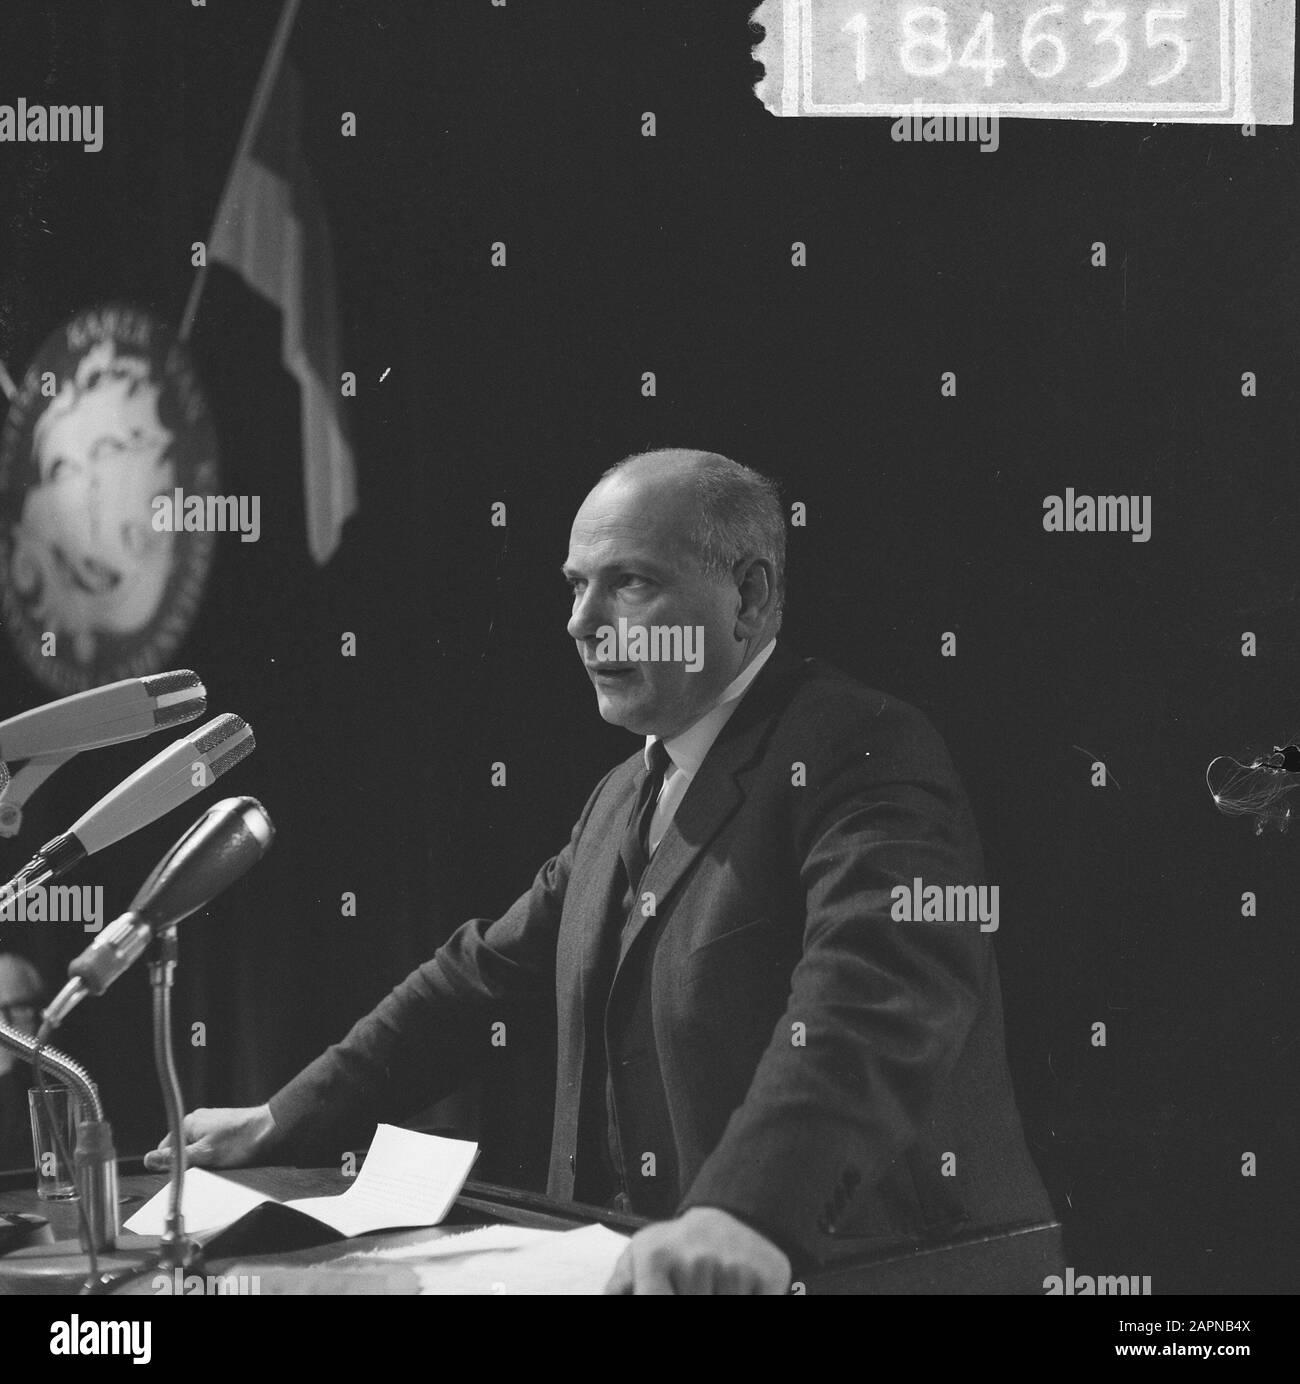 Reunión general extraordinaria de la Cámara de Comercio Holandés-Alemana con ocasión del sexagésimo aniversario del Ministro Den Uyl durante un discurso Fecha: 18 de noviembre de 1965 palabras clave: Relaciones internacionales, aniversarios, reuniones Nombre personal: Uyl, Joop den Nombre De La Institución: Cámara de Comercio Foto de stock